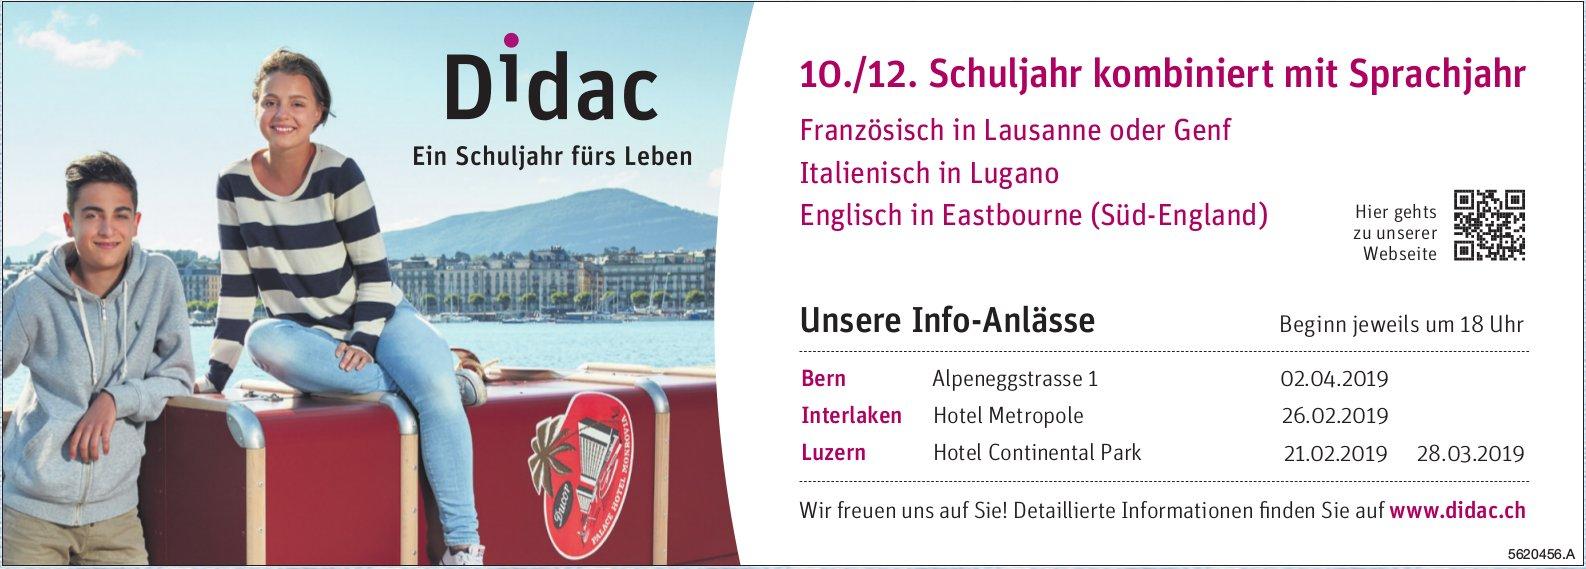 Didac - 10./12. Schuljahr kombiniert mit Sprachjahr: Unsere Info-Anlässe